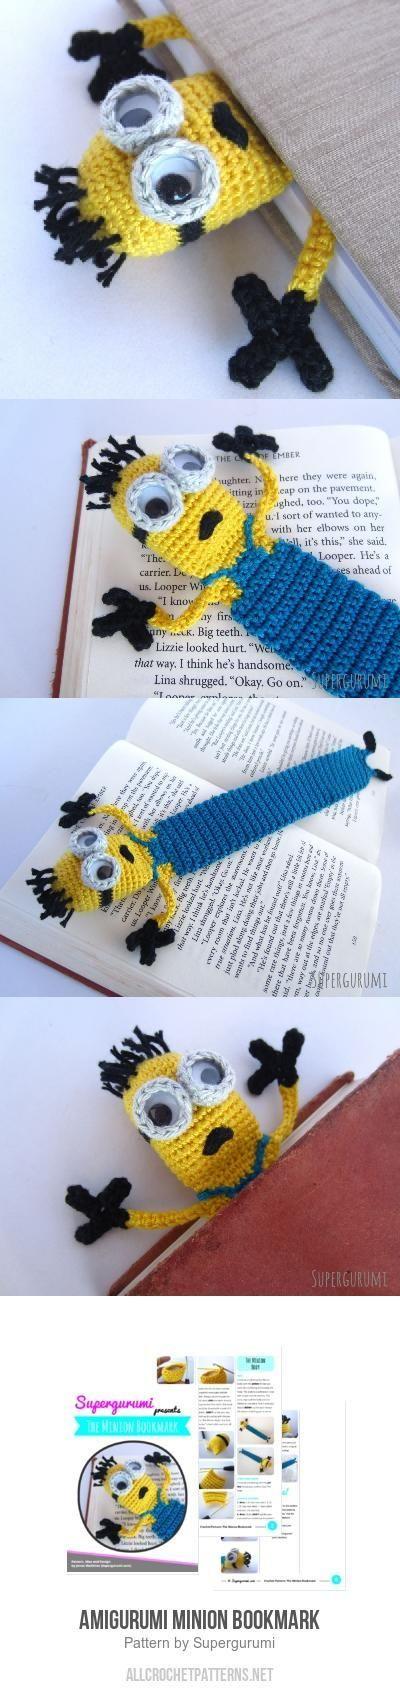 Amigurumi Minion Bookmark | Bookmarks | Pinterest | Lesezeichen ...